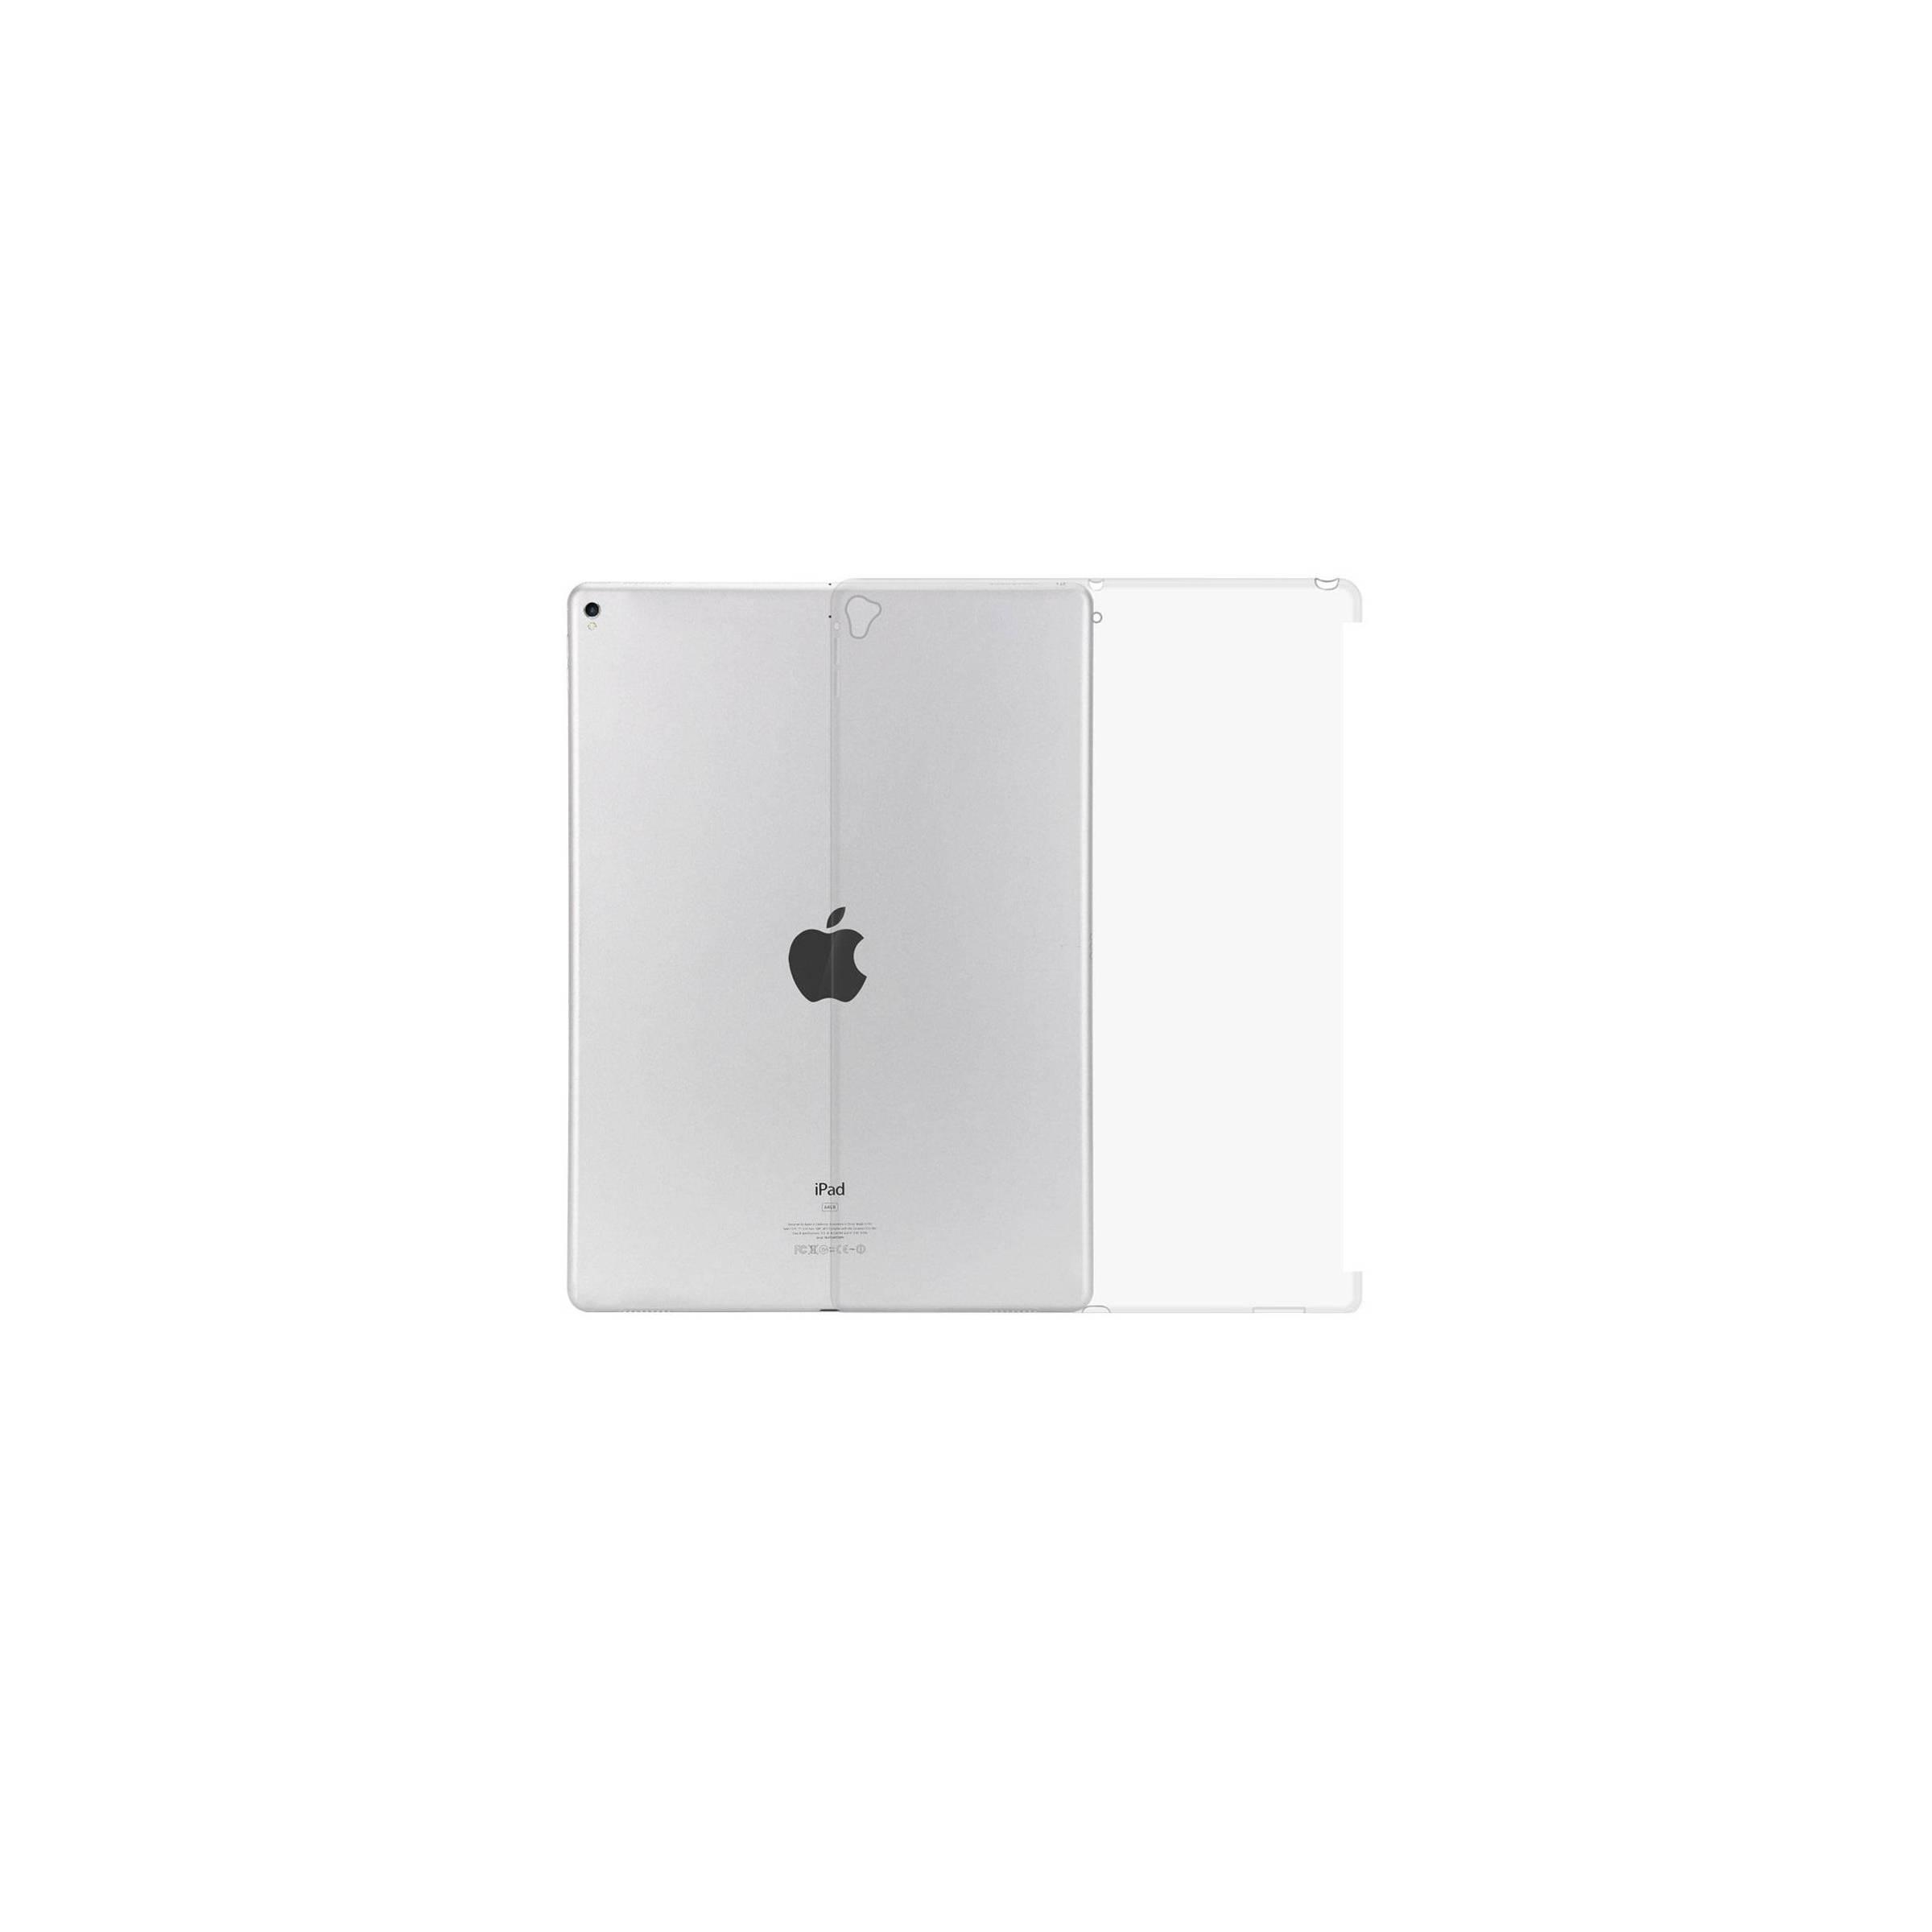 """Ipad pro 12,9"""" bag cover med plads til smart connector tastatur farve gennemsigtig fra kina oem på mackabler.dk"""